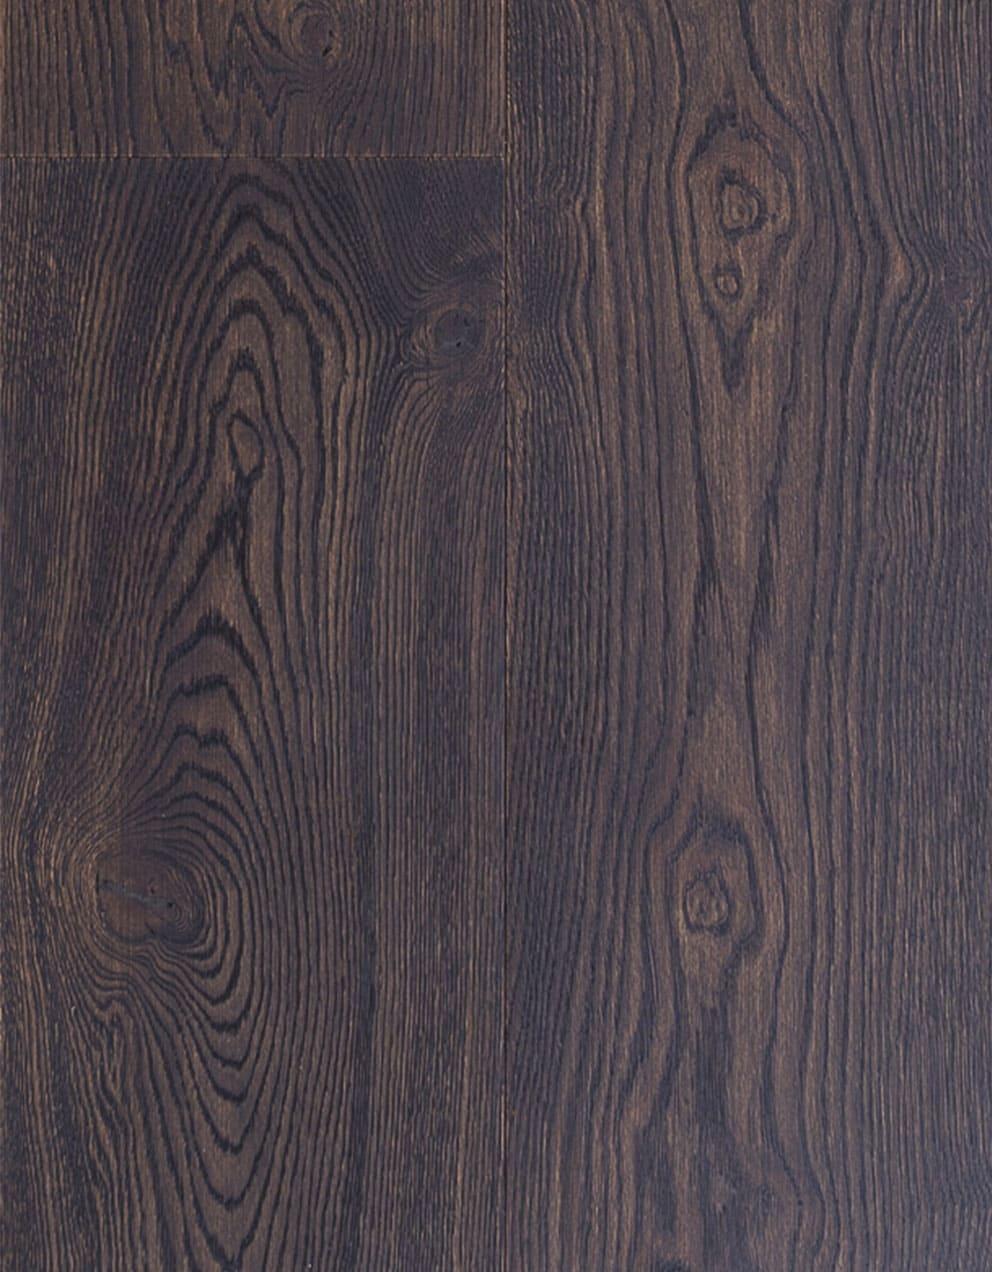 Suelo de madera de Roble color oscuro